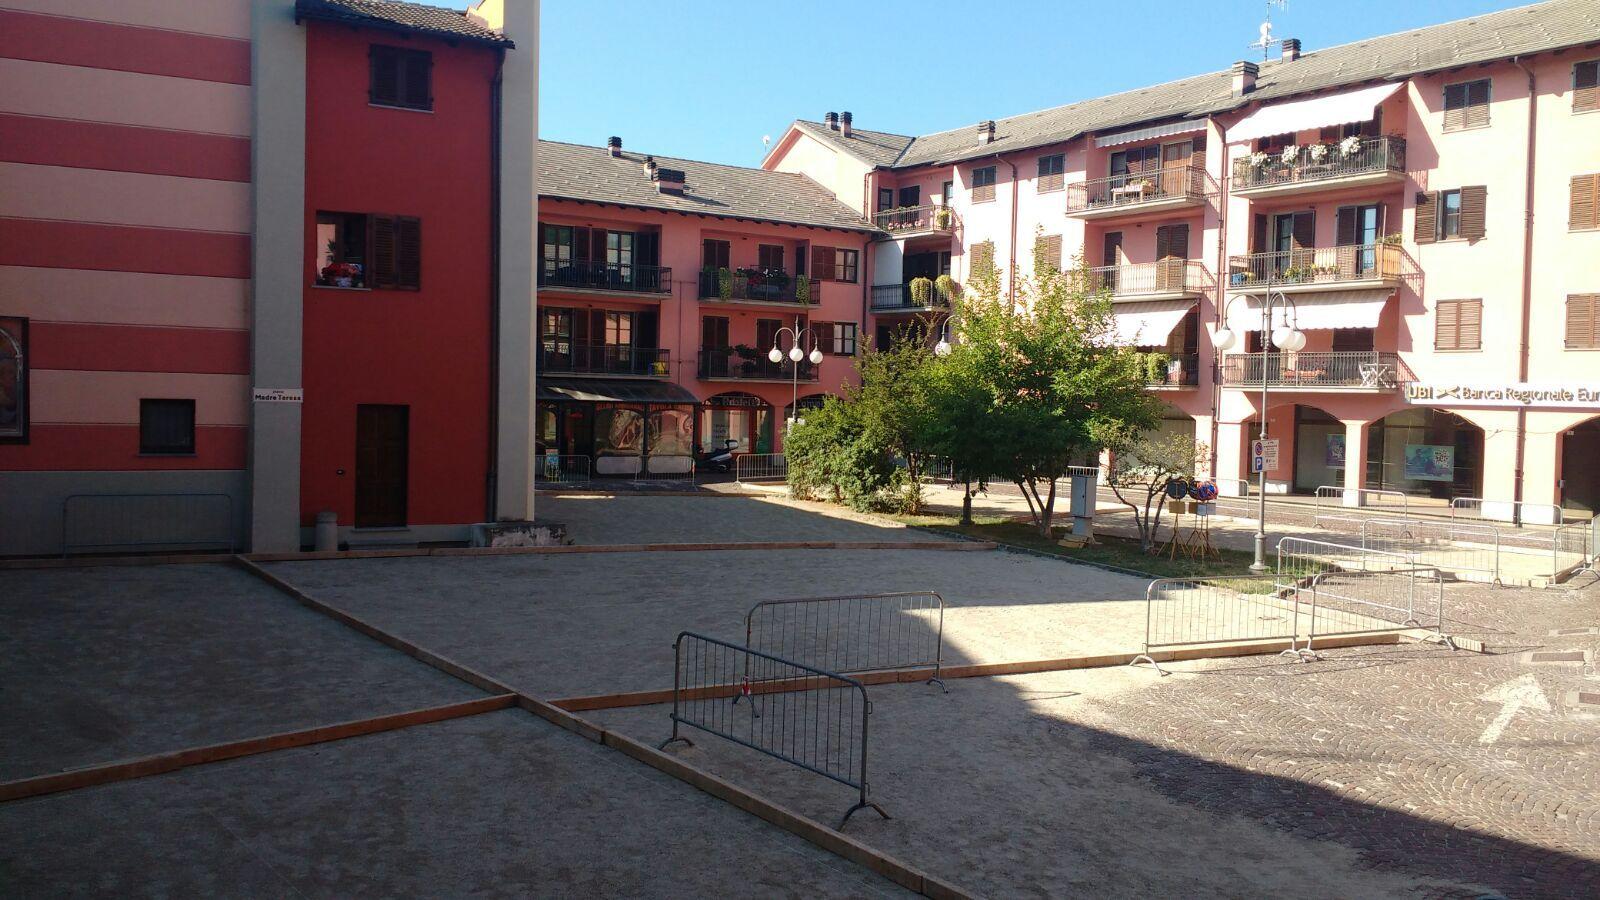 La Guida - Petanque in piazza a Caraglio